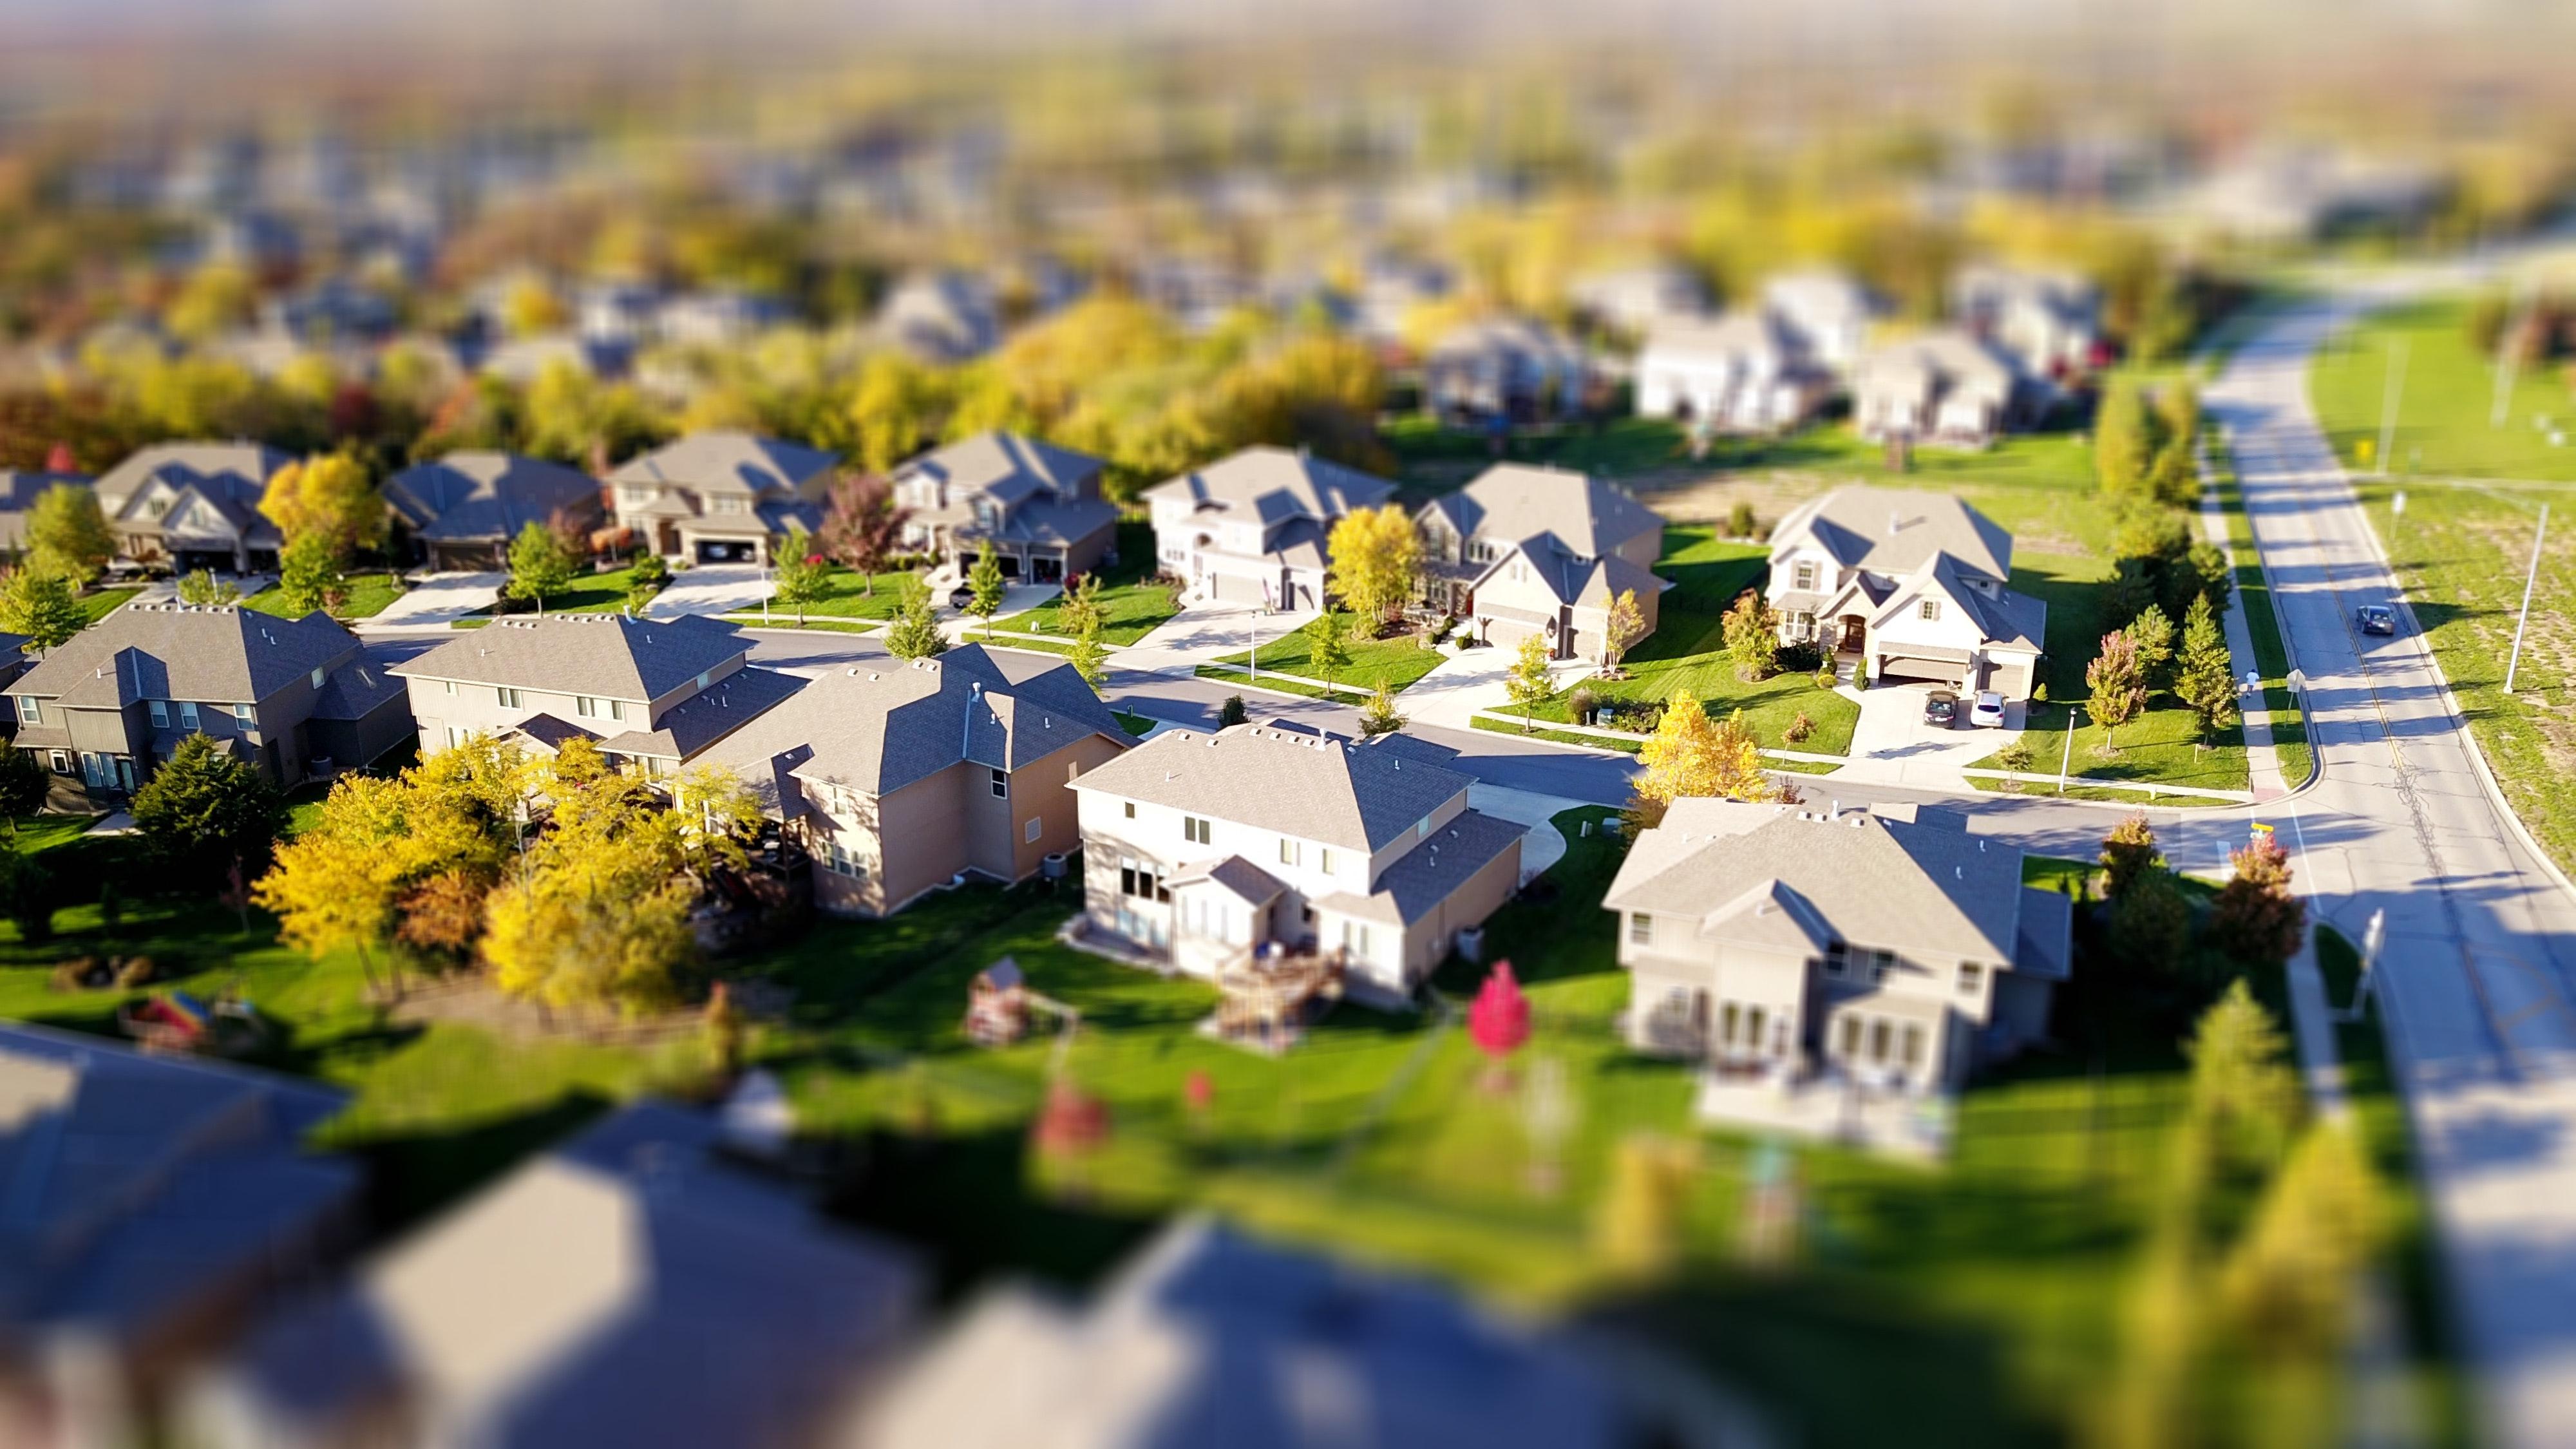 Imobiliário em alta à boleia do segmento residencial